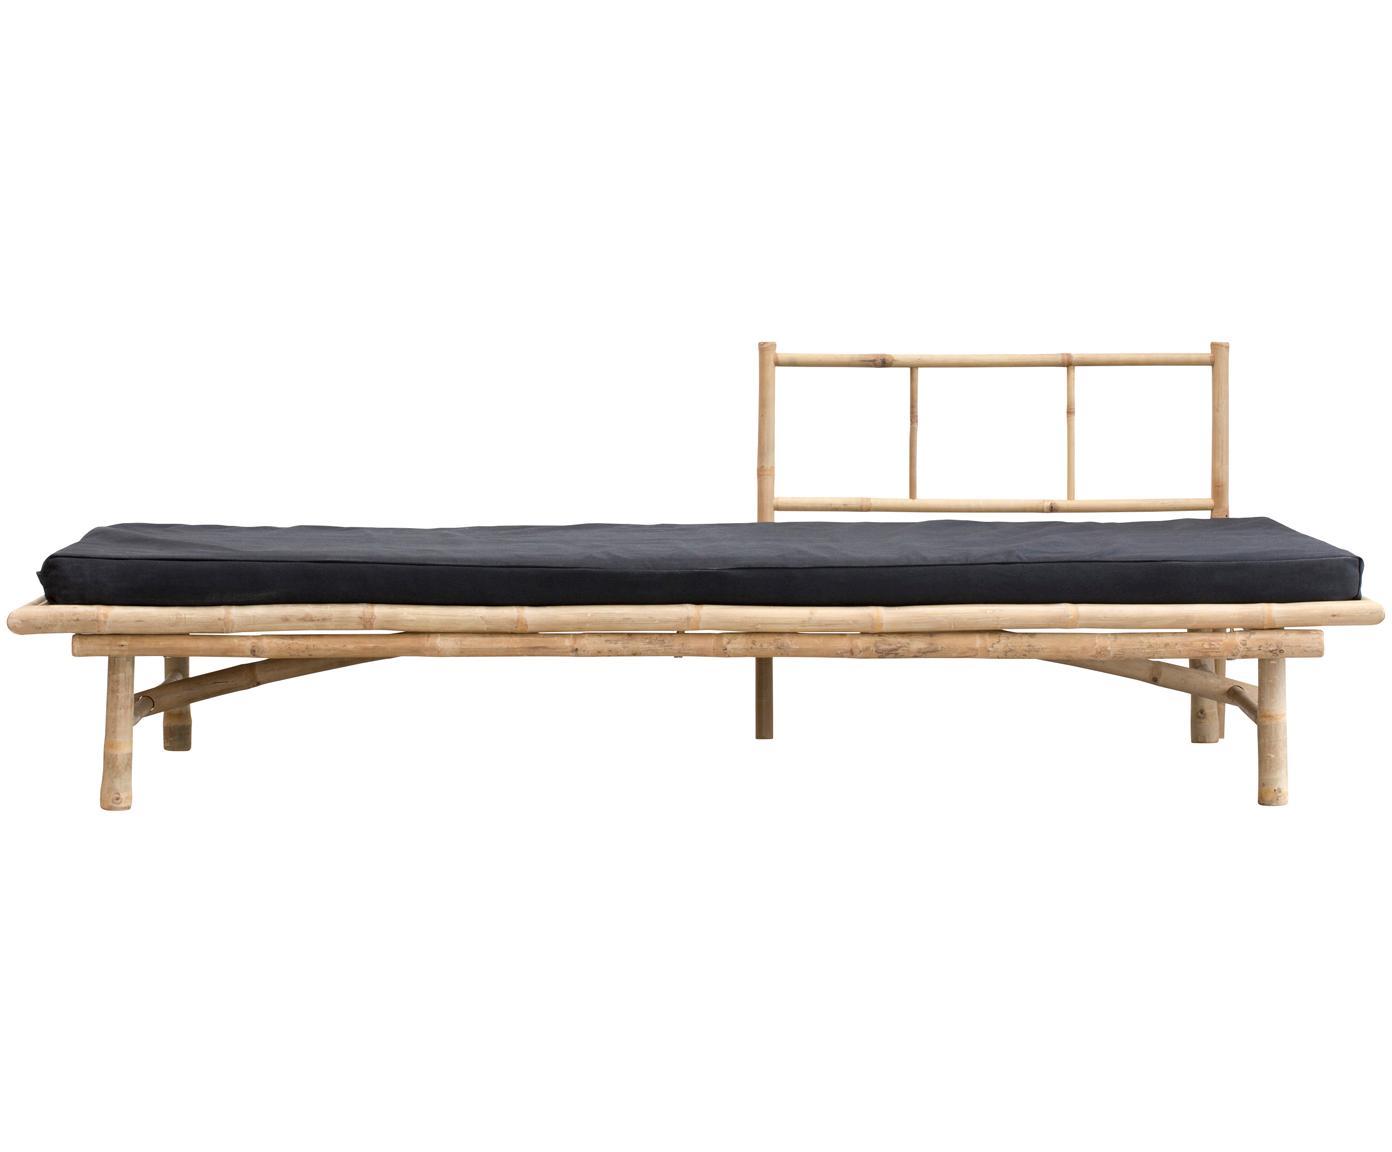 Chaise-longue da esterno in bambù Mandisa, Legno di bambù, nero, Larg. 215 x Prof. 100 cm